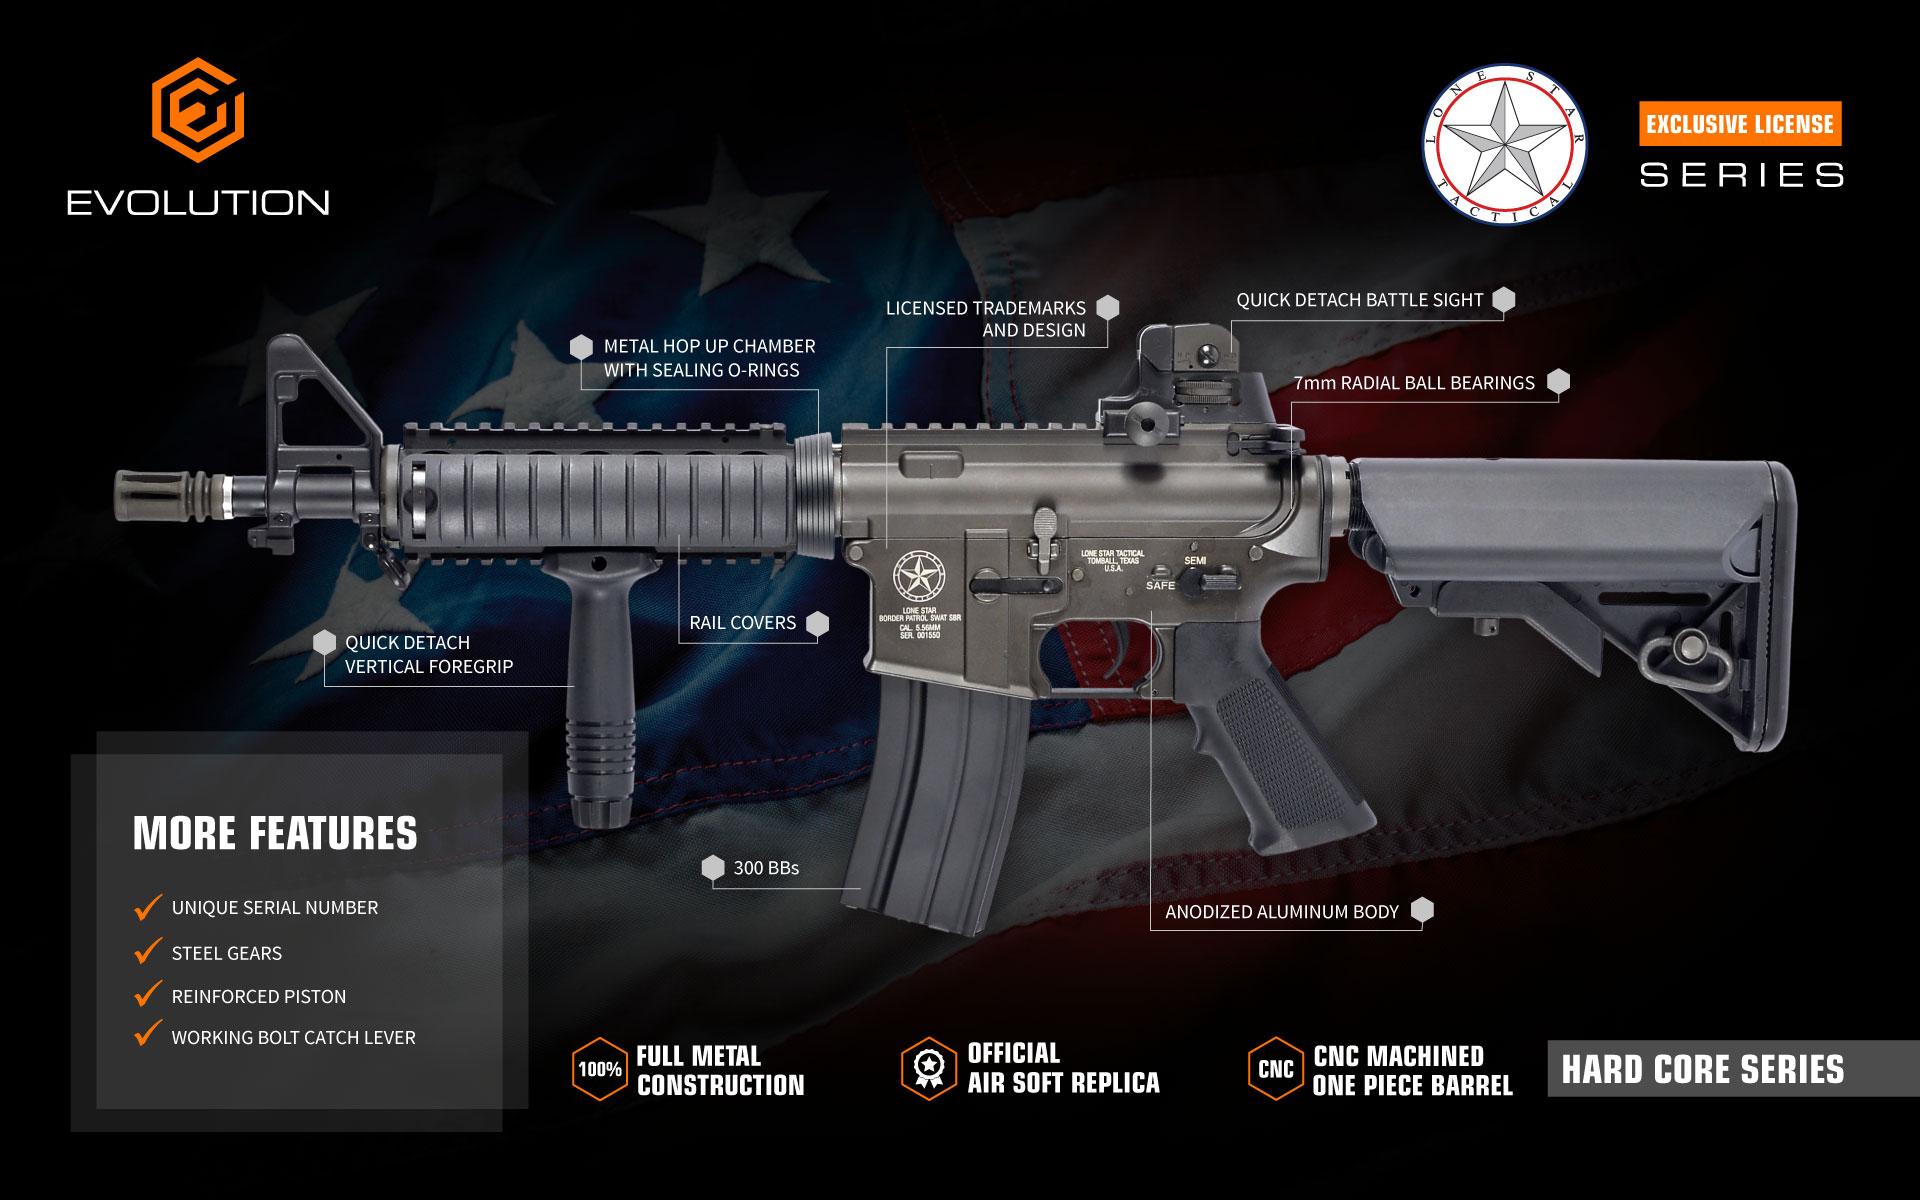 Evolution Lone Star air soft guns